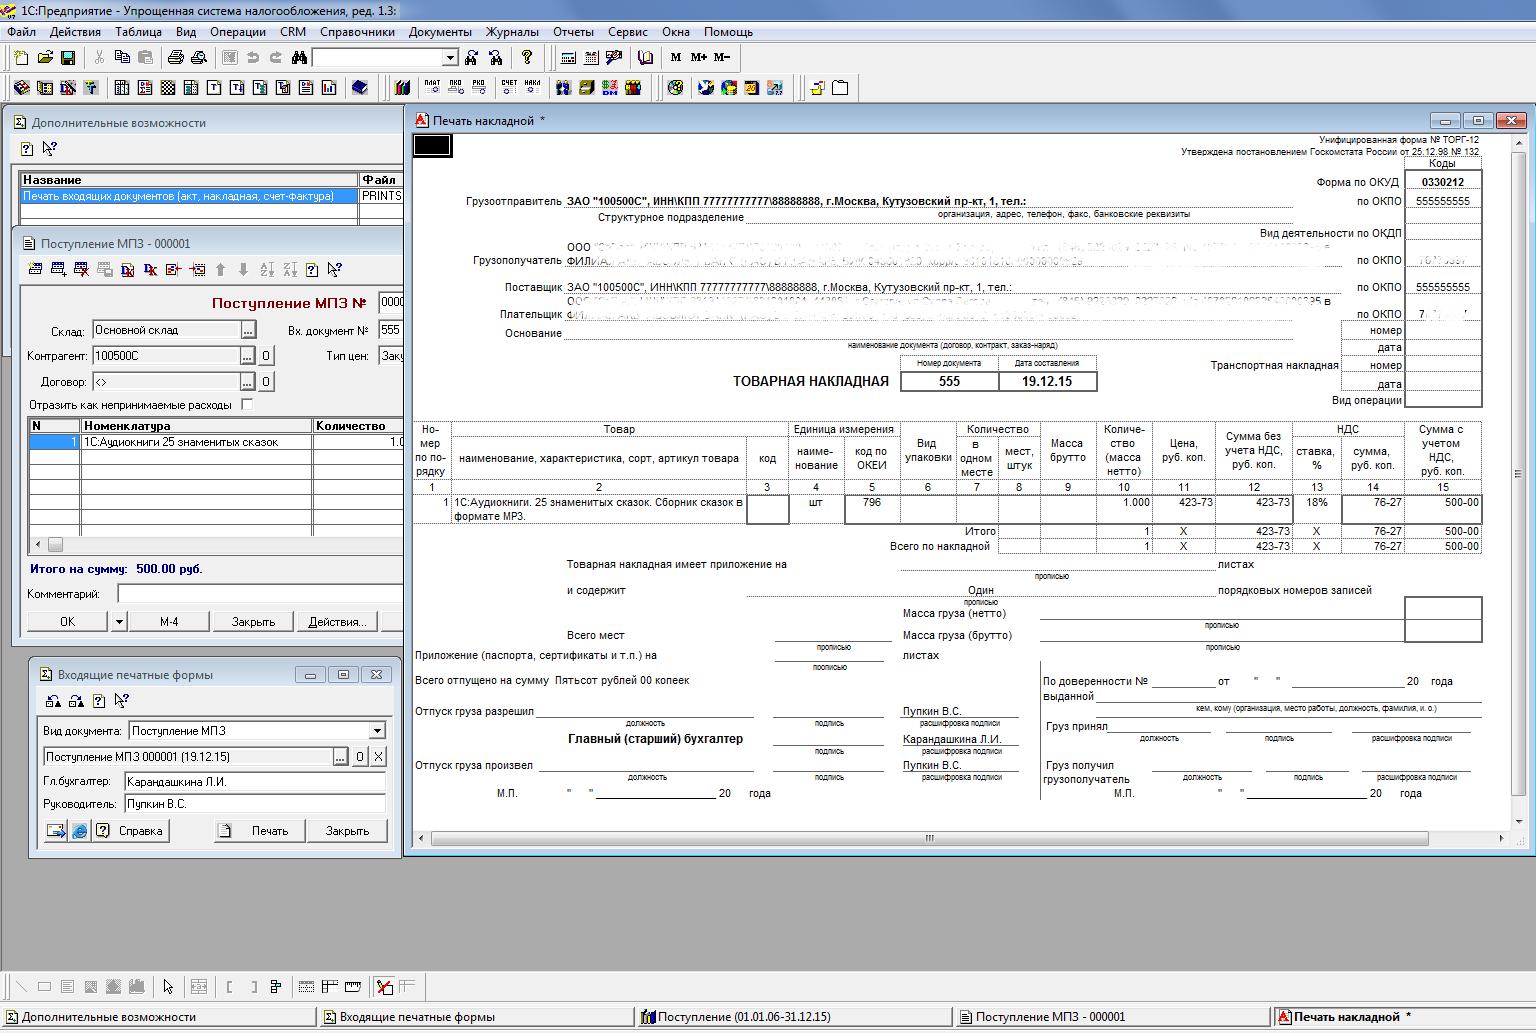 1с бухгалтерия 7.7.упрощенная система налогообложения, редакция 1.3.обновление 1с восстановить ндс при переходе на усн